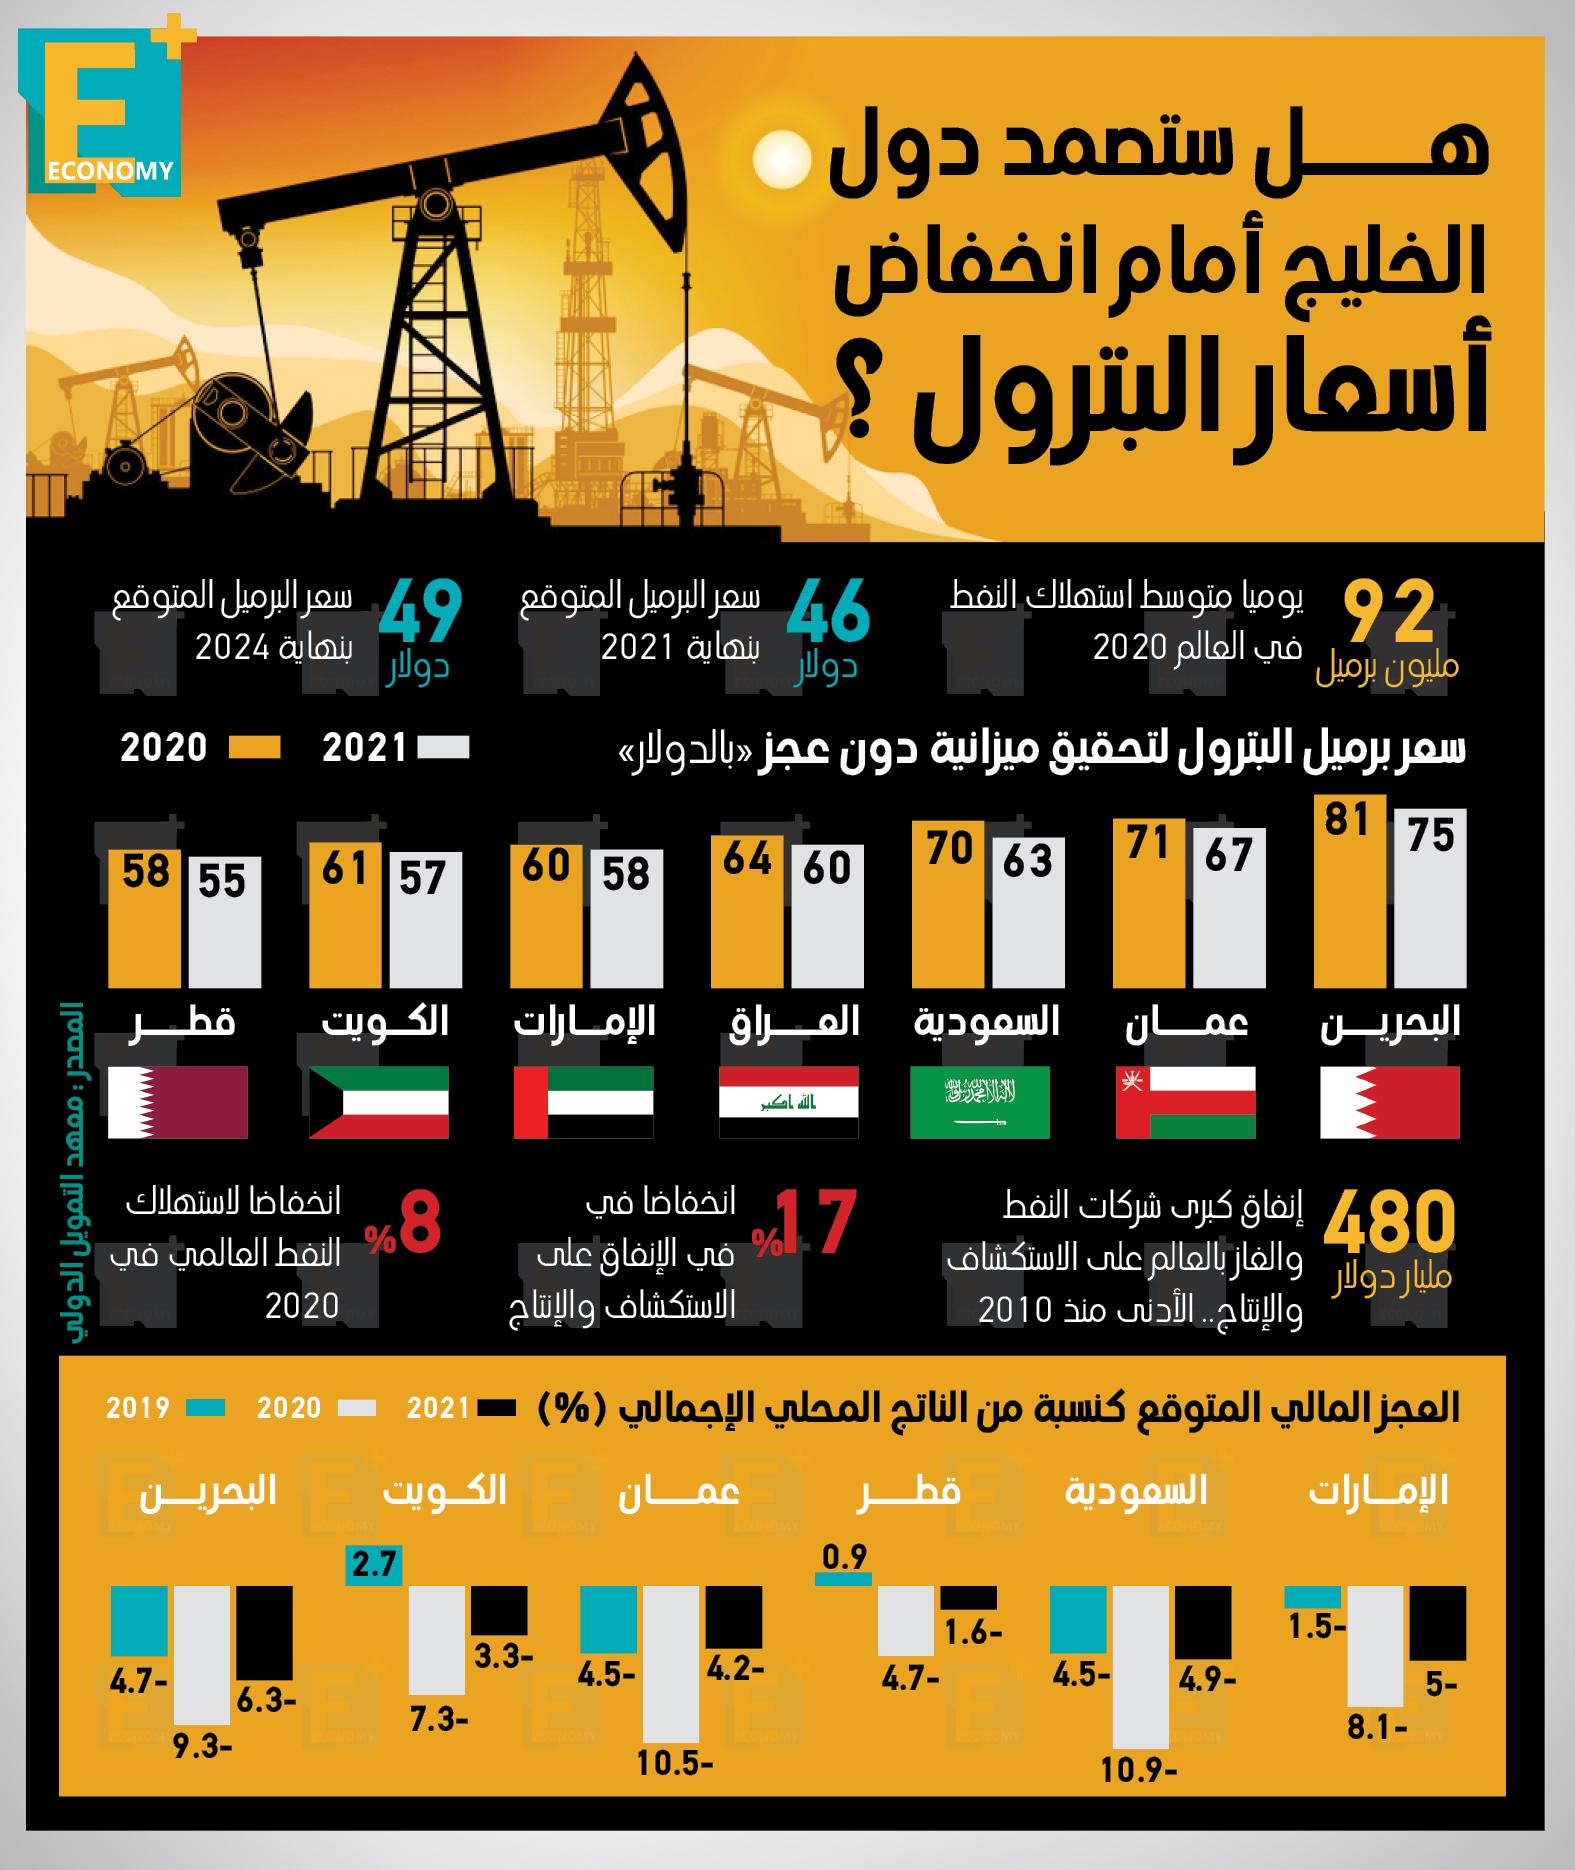 هل ستصمد دول الخليج أمام انخفاض أسعار البترول؟